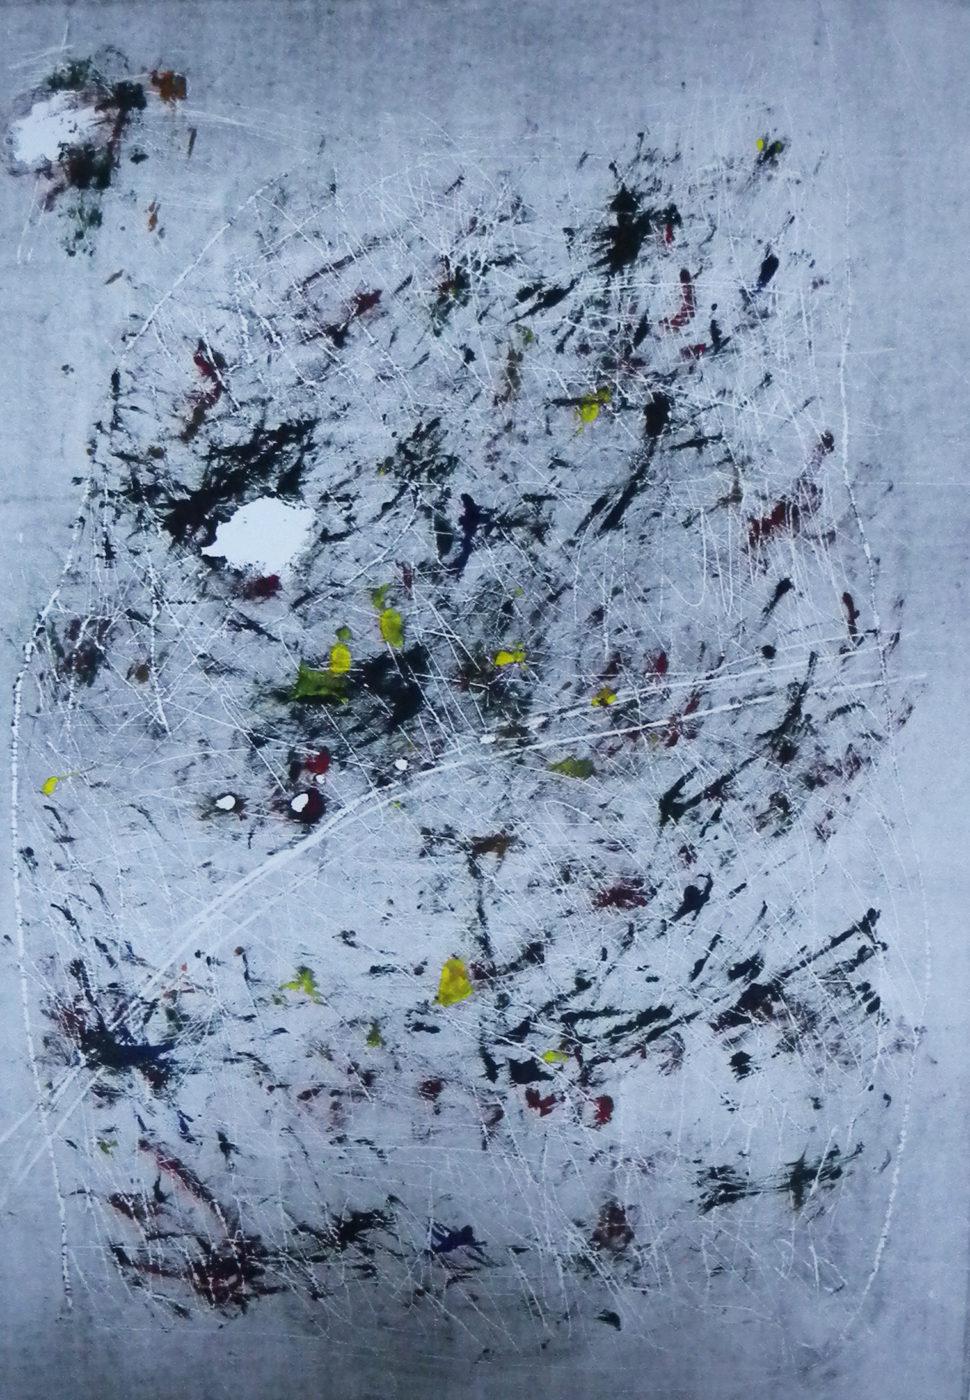 MARC FELD 2012 SONG FOR STEVE LACY 17  63 x 90 cm  Gravure sur bois encre sur papier  (Tirage Patrick Vernet)